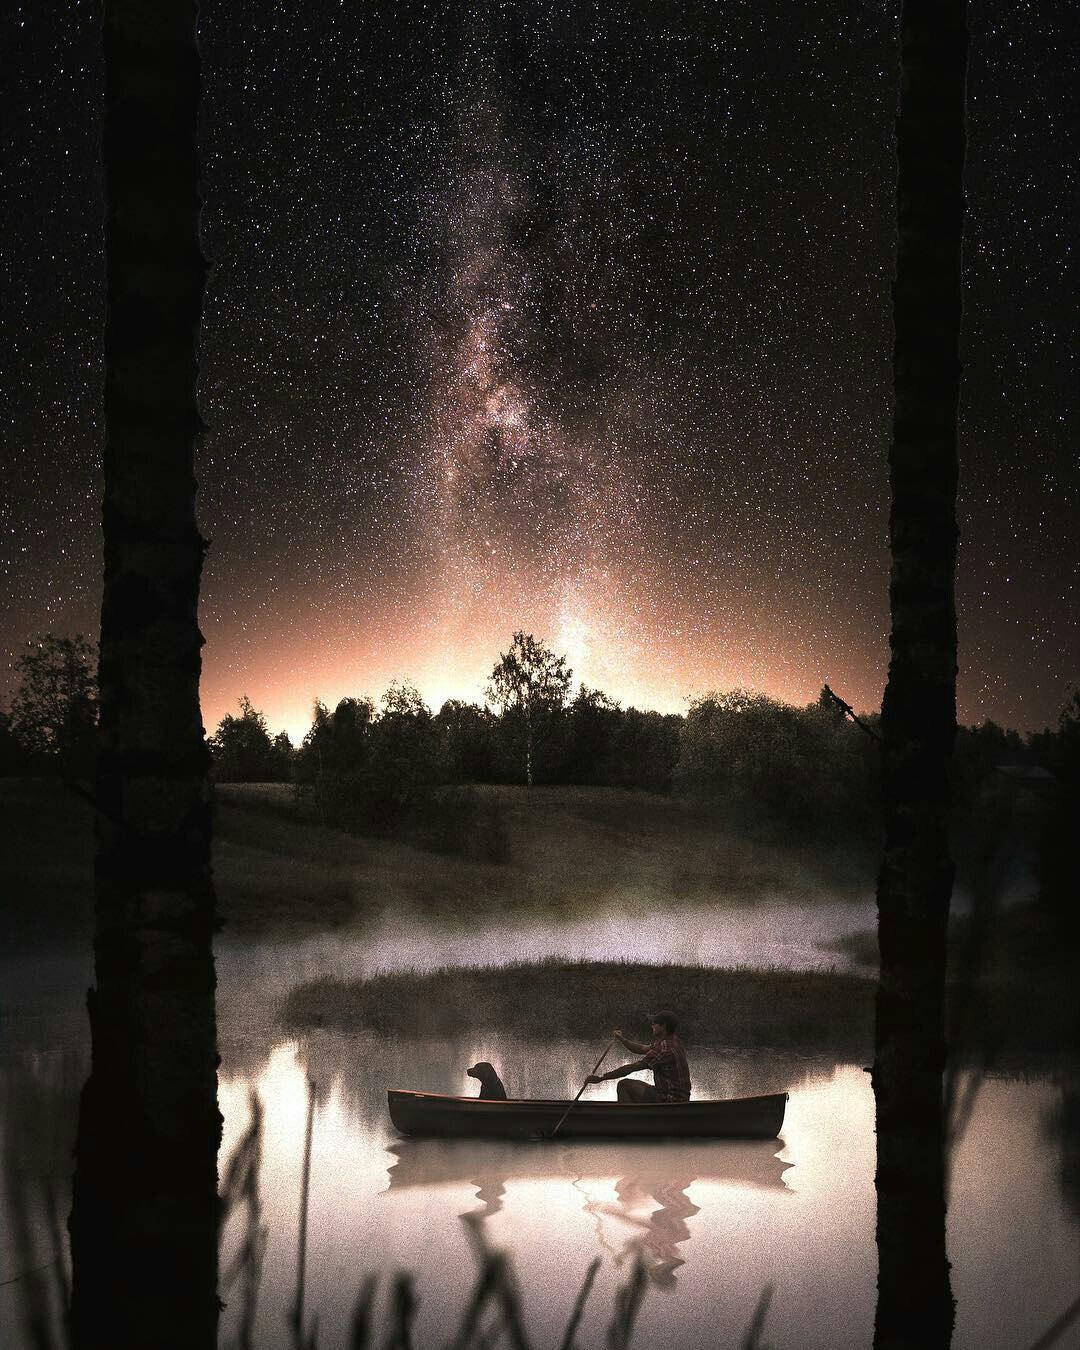 Звёздное небо и космос в картинках ISVTRI08Y5g